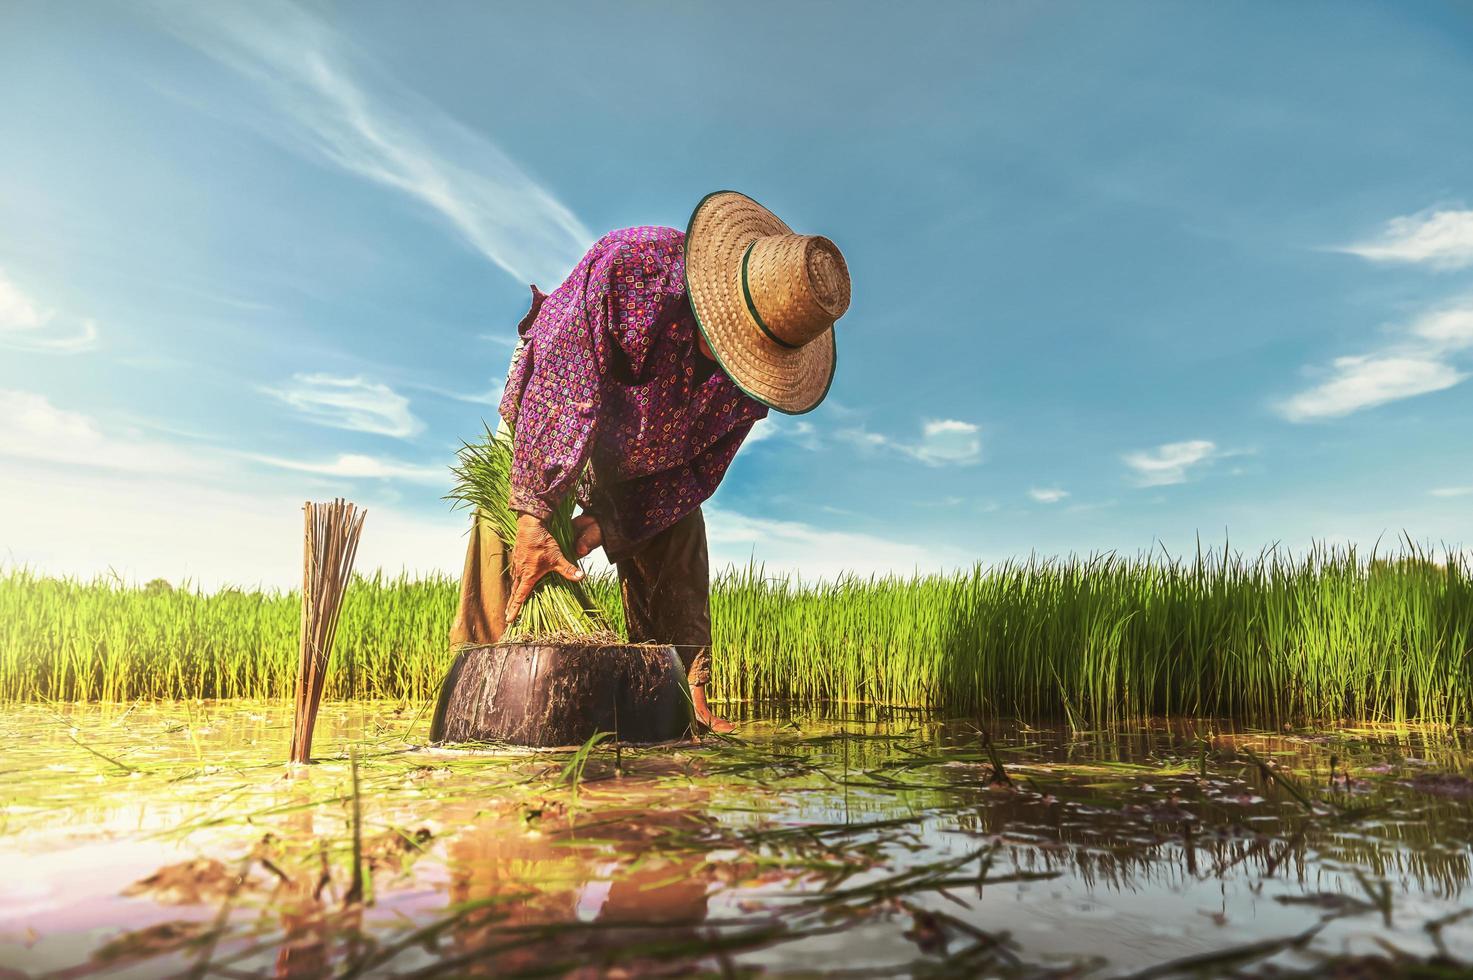 persona plantando en campo de arroz foto